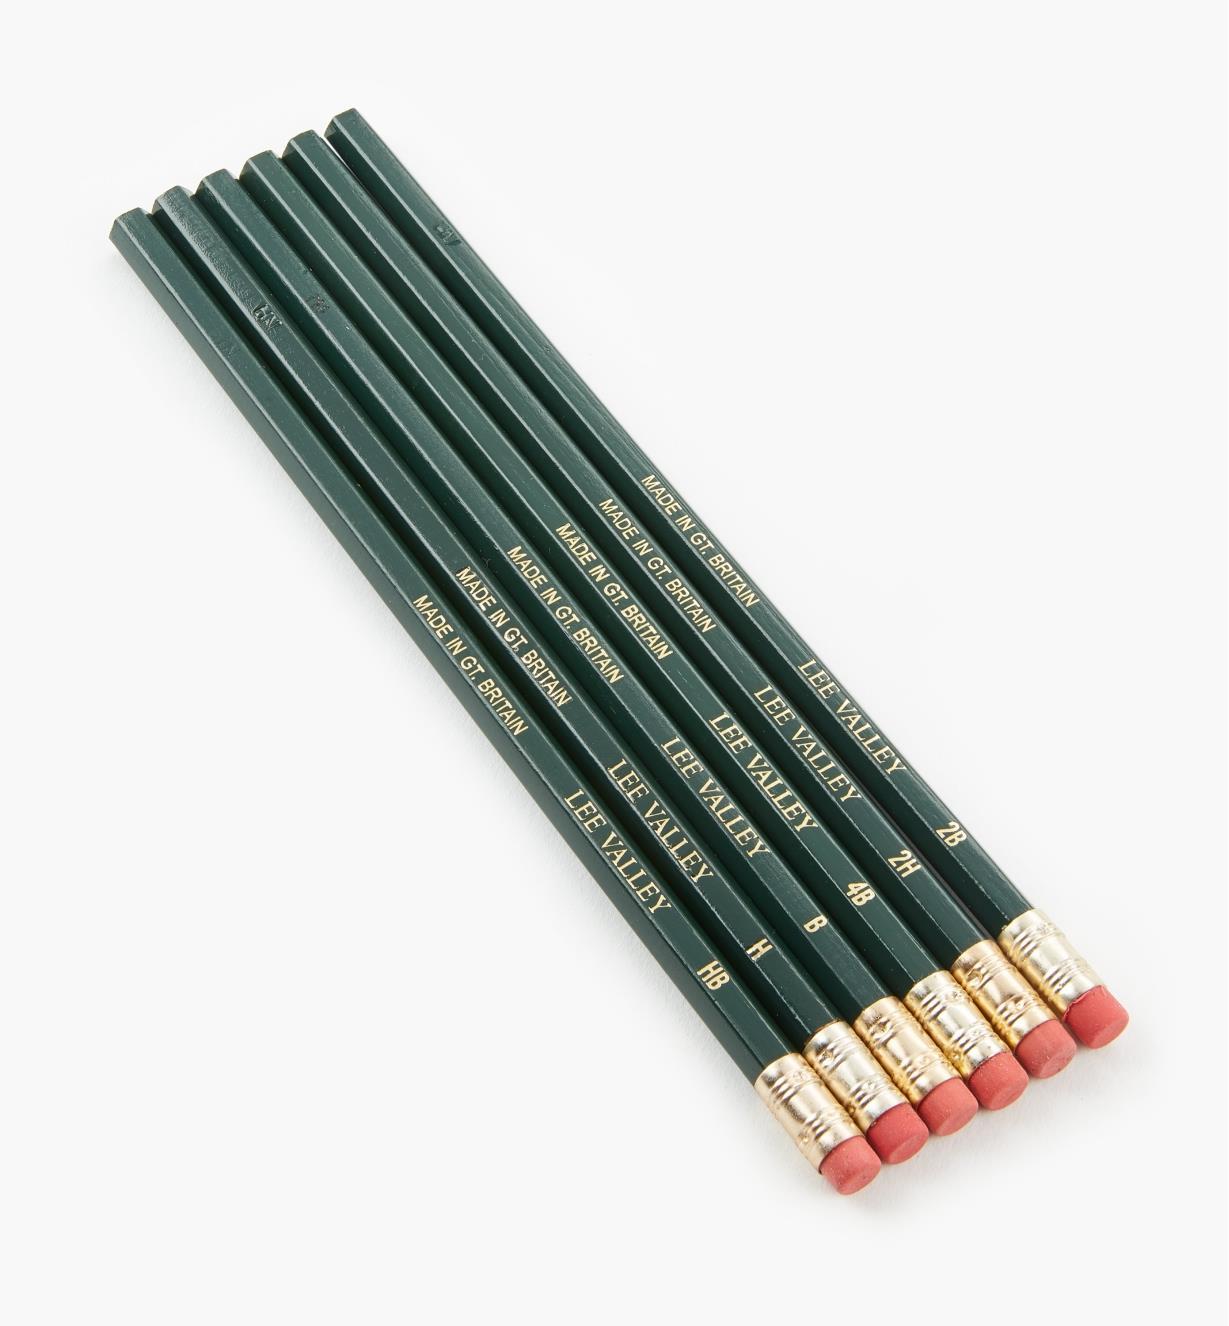 83U0410 - Lot échantillon de 6 crayons